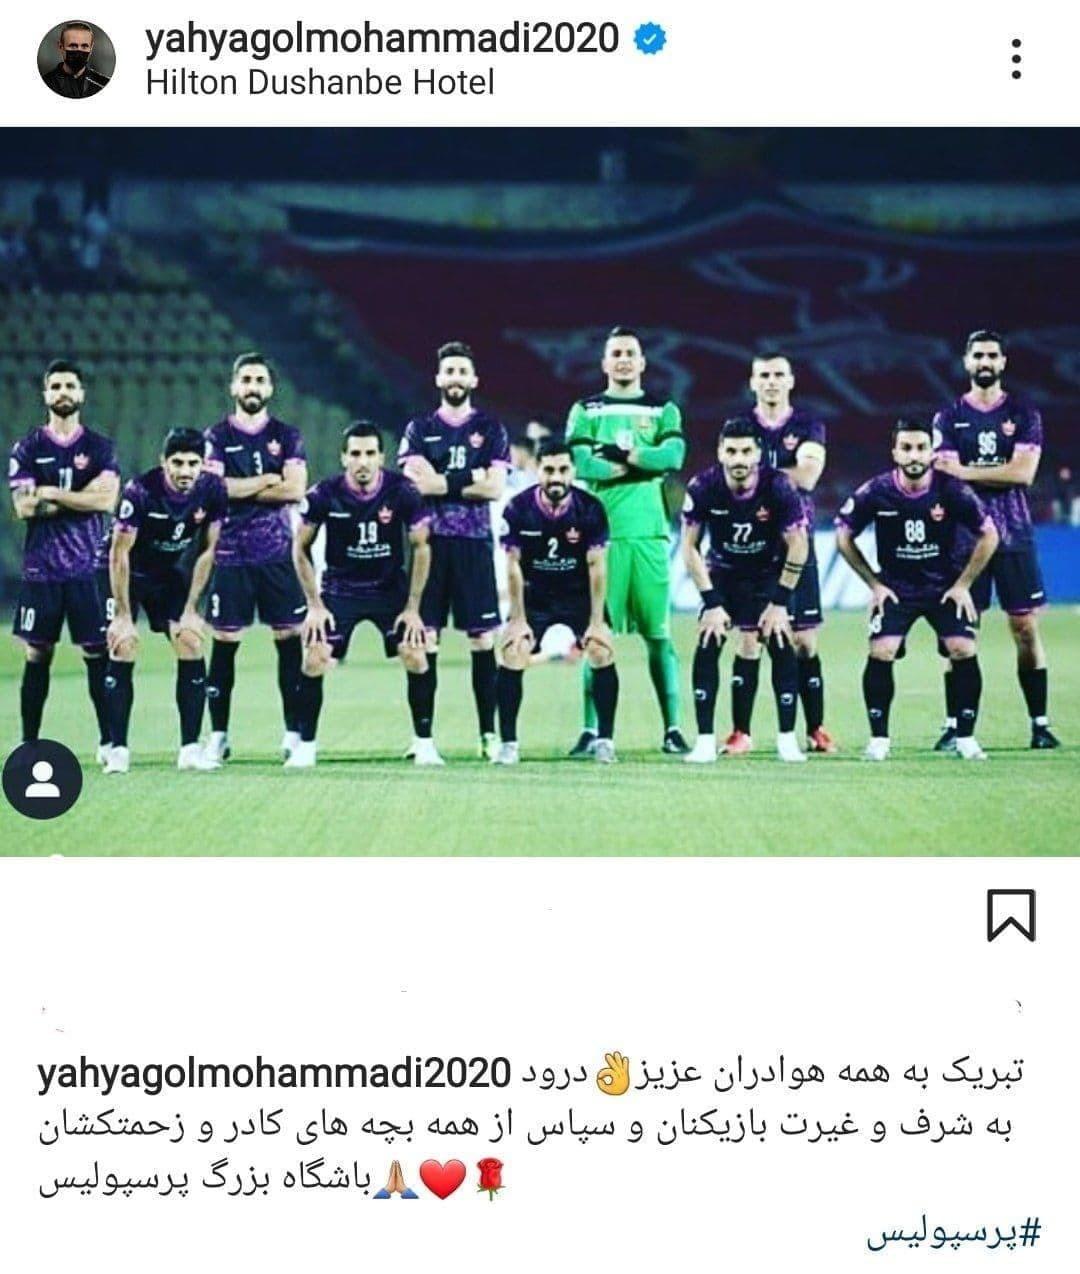 واکنش گل محمدی پس از صعود پرسپولیس در لیگ قهرمانان آسیا+ عکس